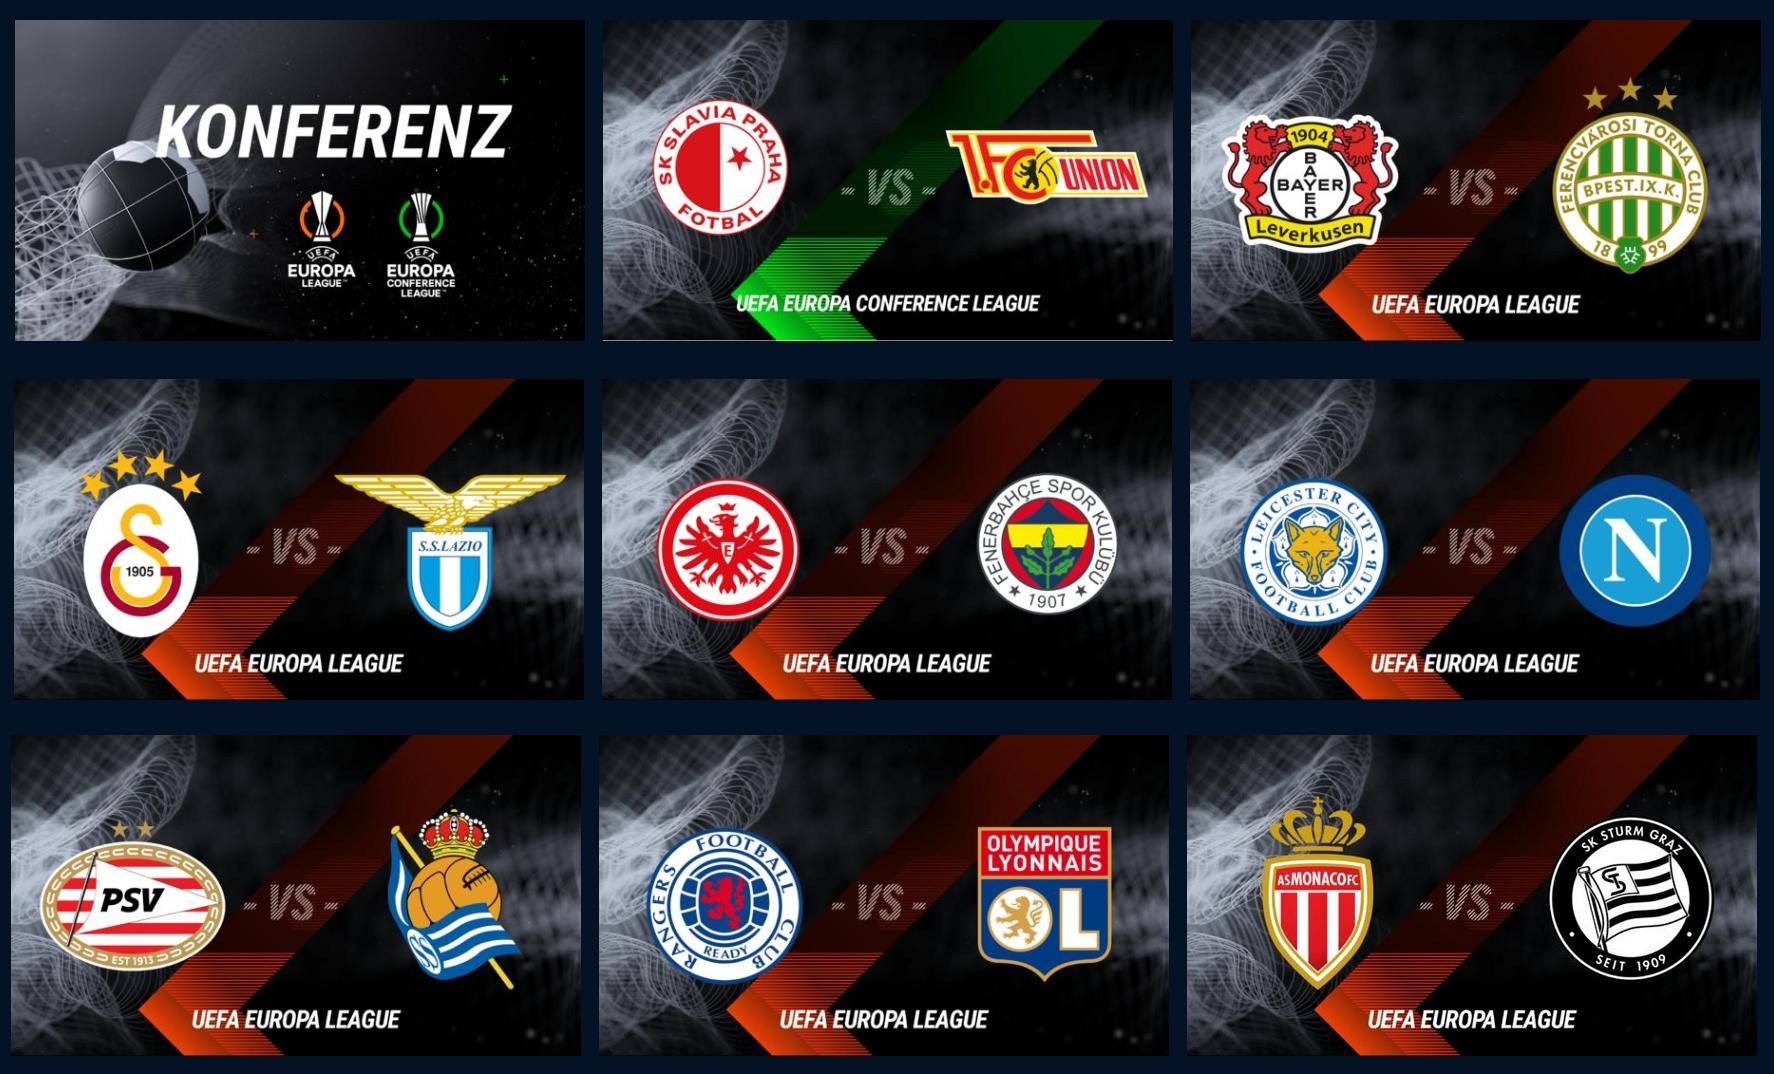 uefa-europa-league-sky-tvnow-spiele-live-angebot